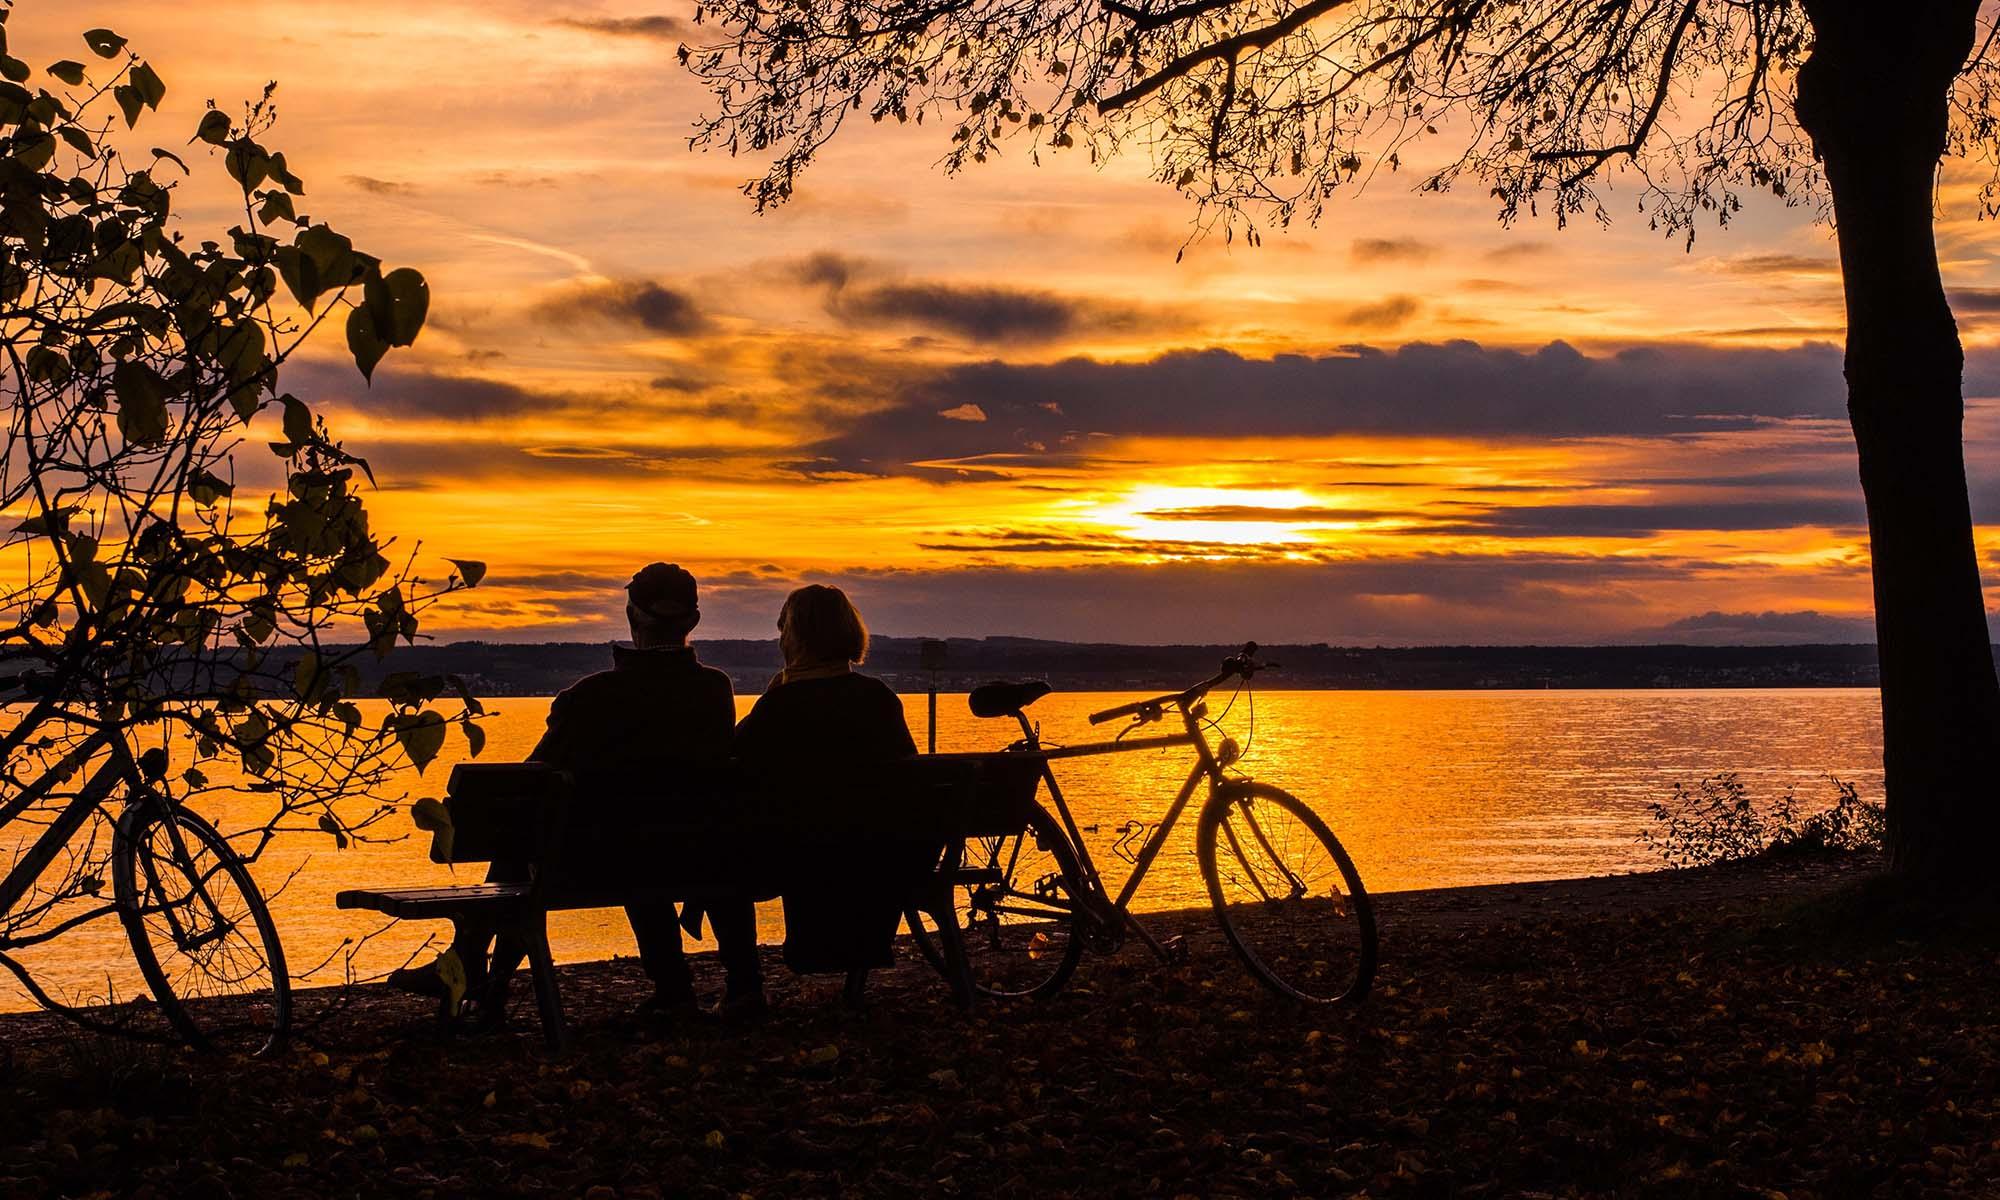 Paar bei Sonnenuntergang am See